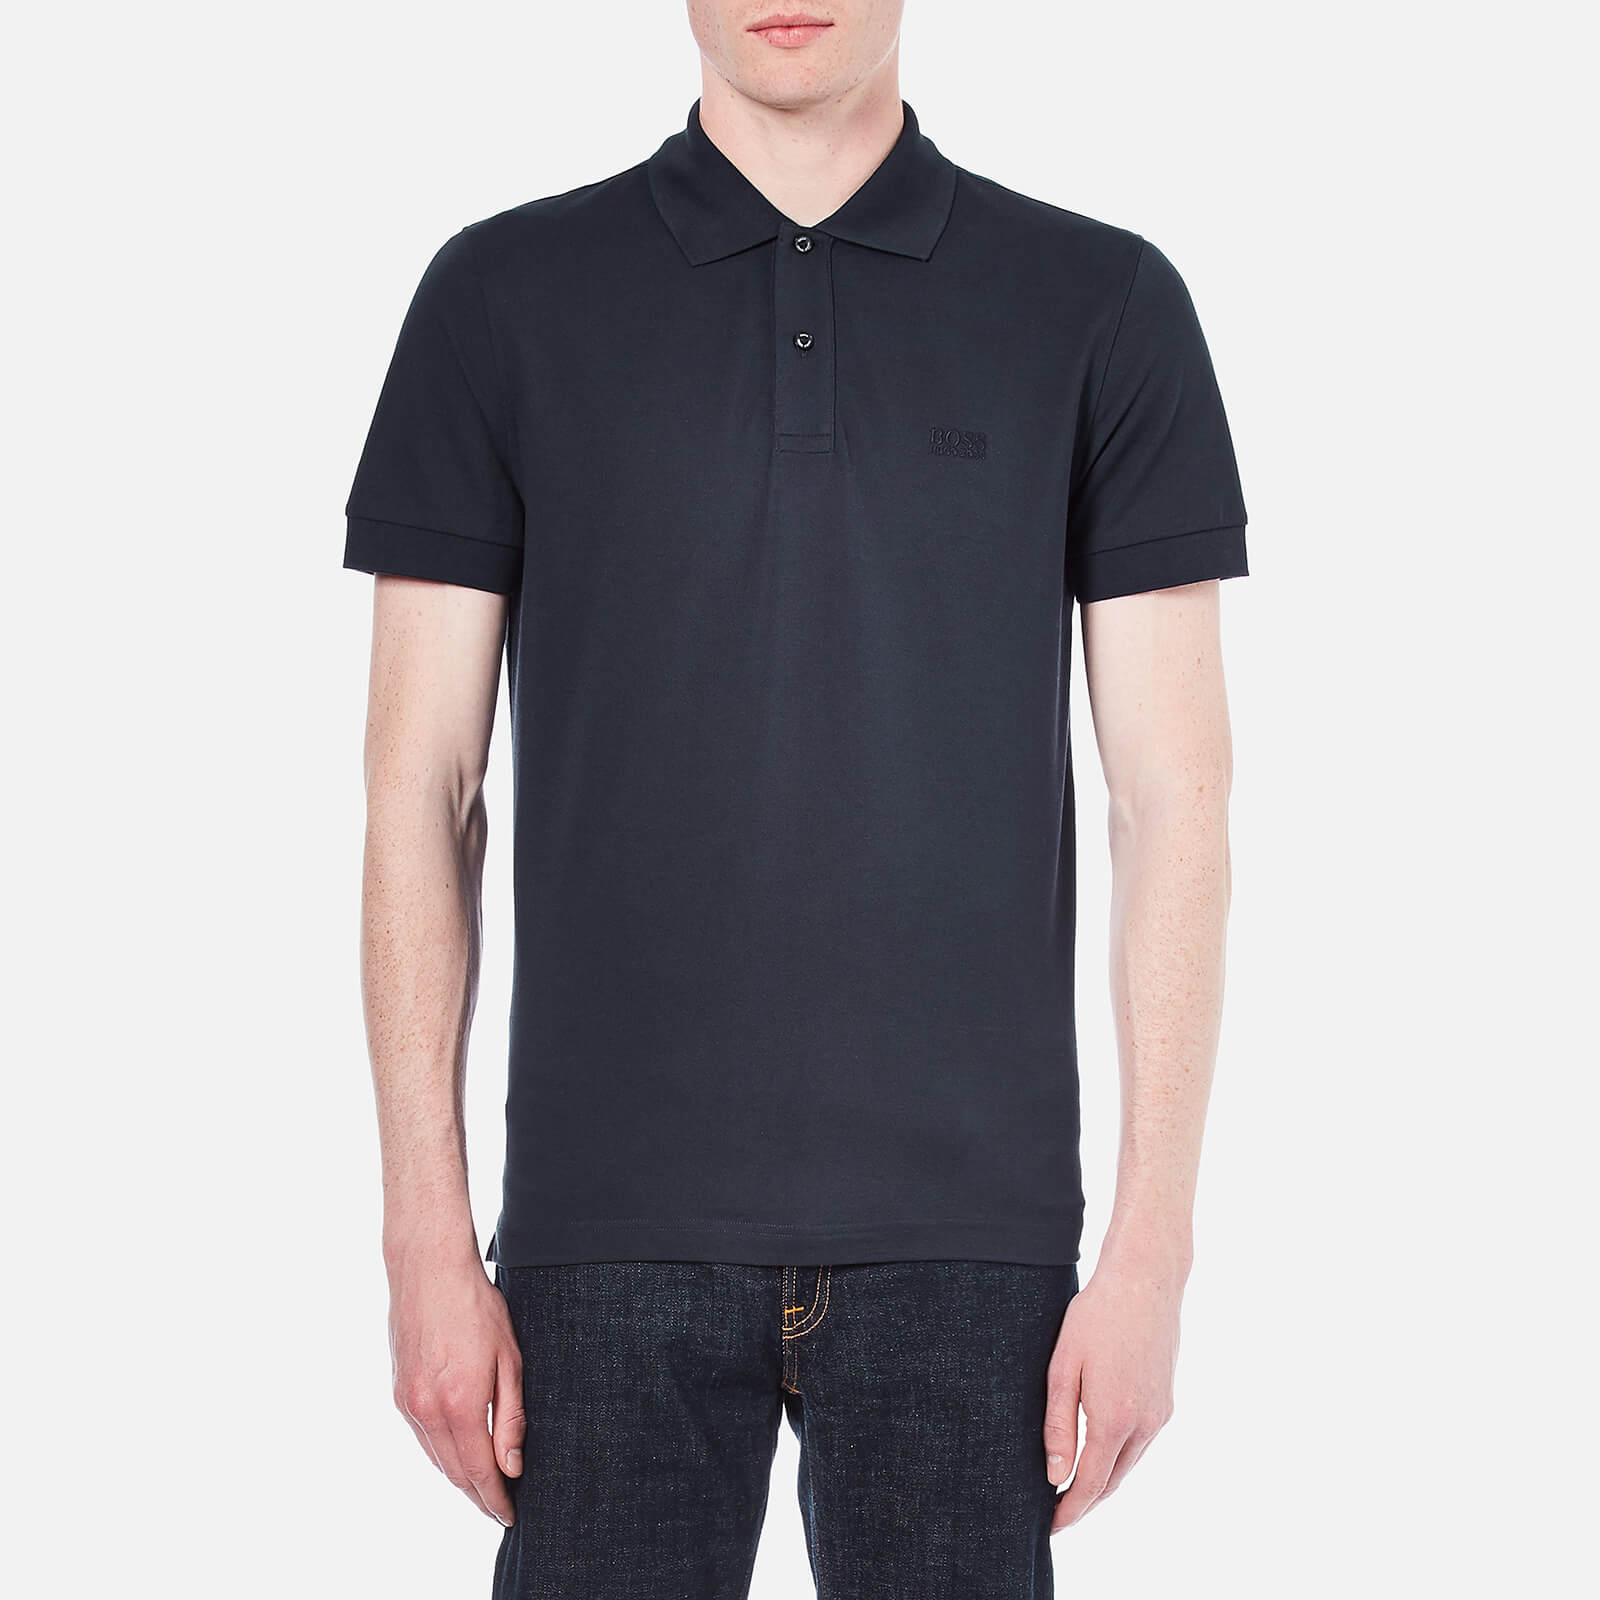 6d28d83d2 BOSS Green Men's C-Firenze-Logo Polo Shirt - Dark Blue Clothing | TheHut.com